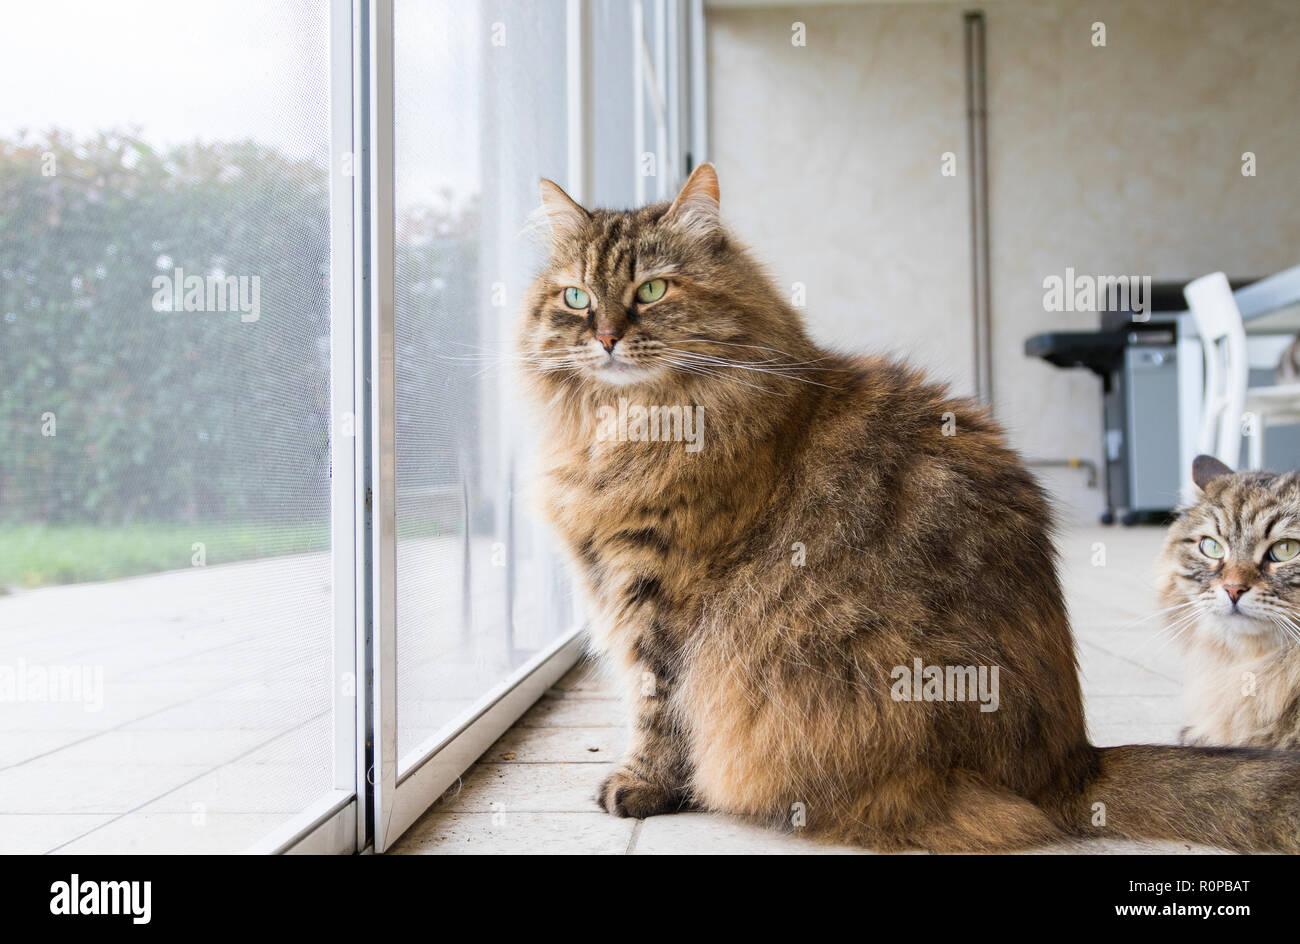 Beautiful livestock cat at the window, curious pet - Stock Image